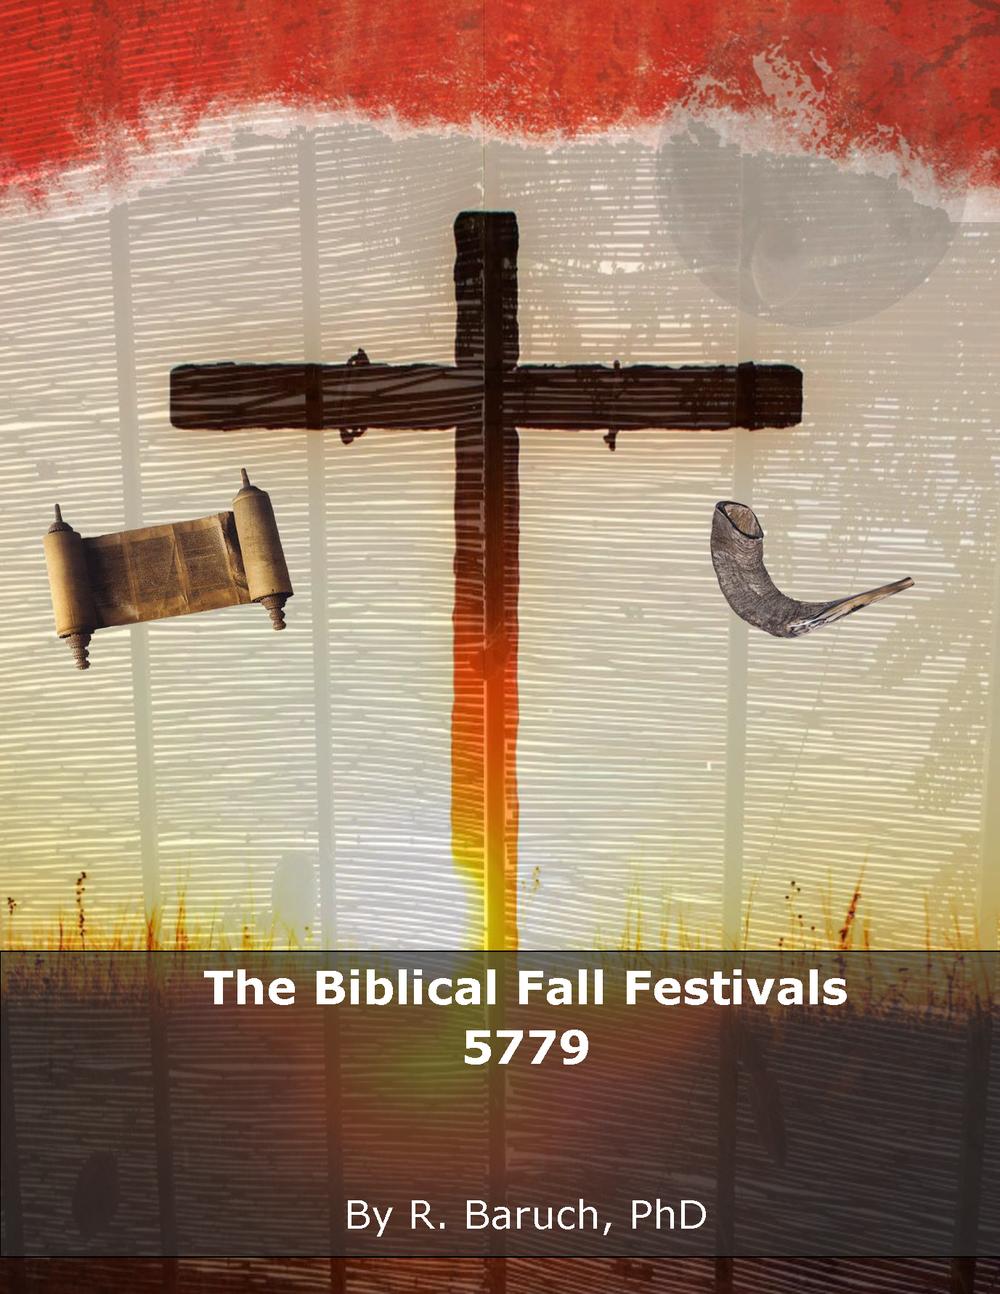 FallFestivals5779.png